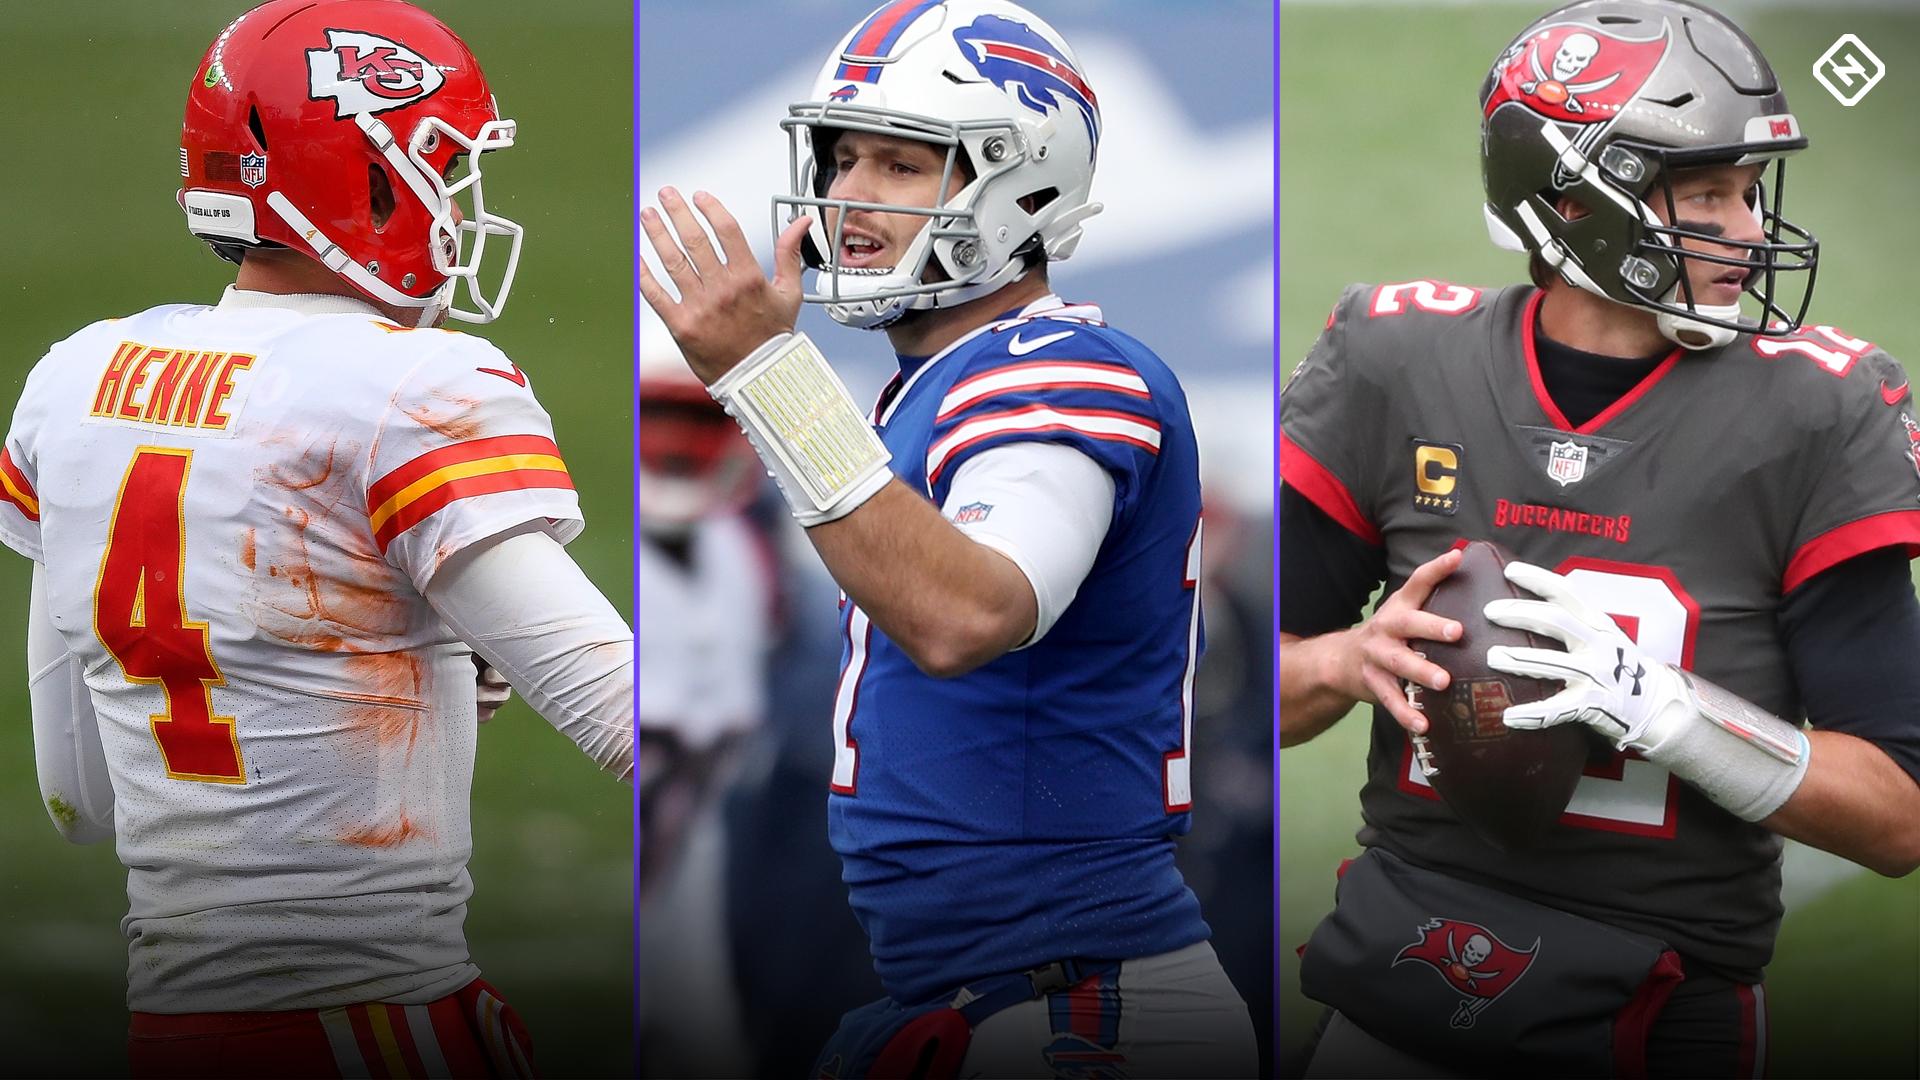 NFL Week 17 Betting Guide: Spread, moneyline, over / under picks